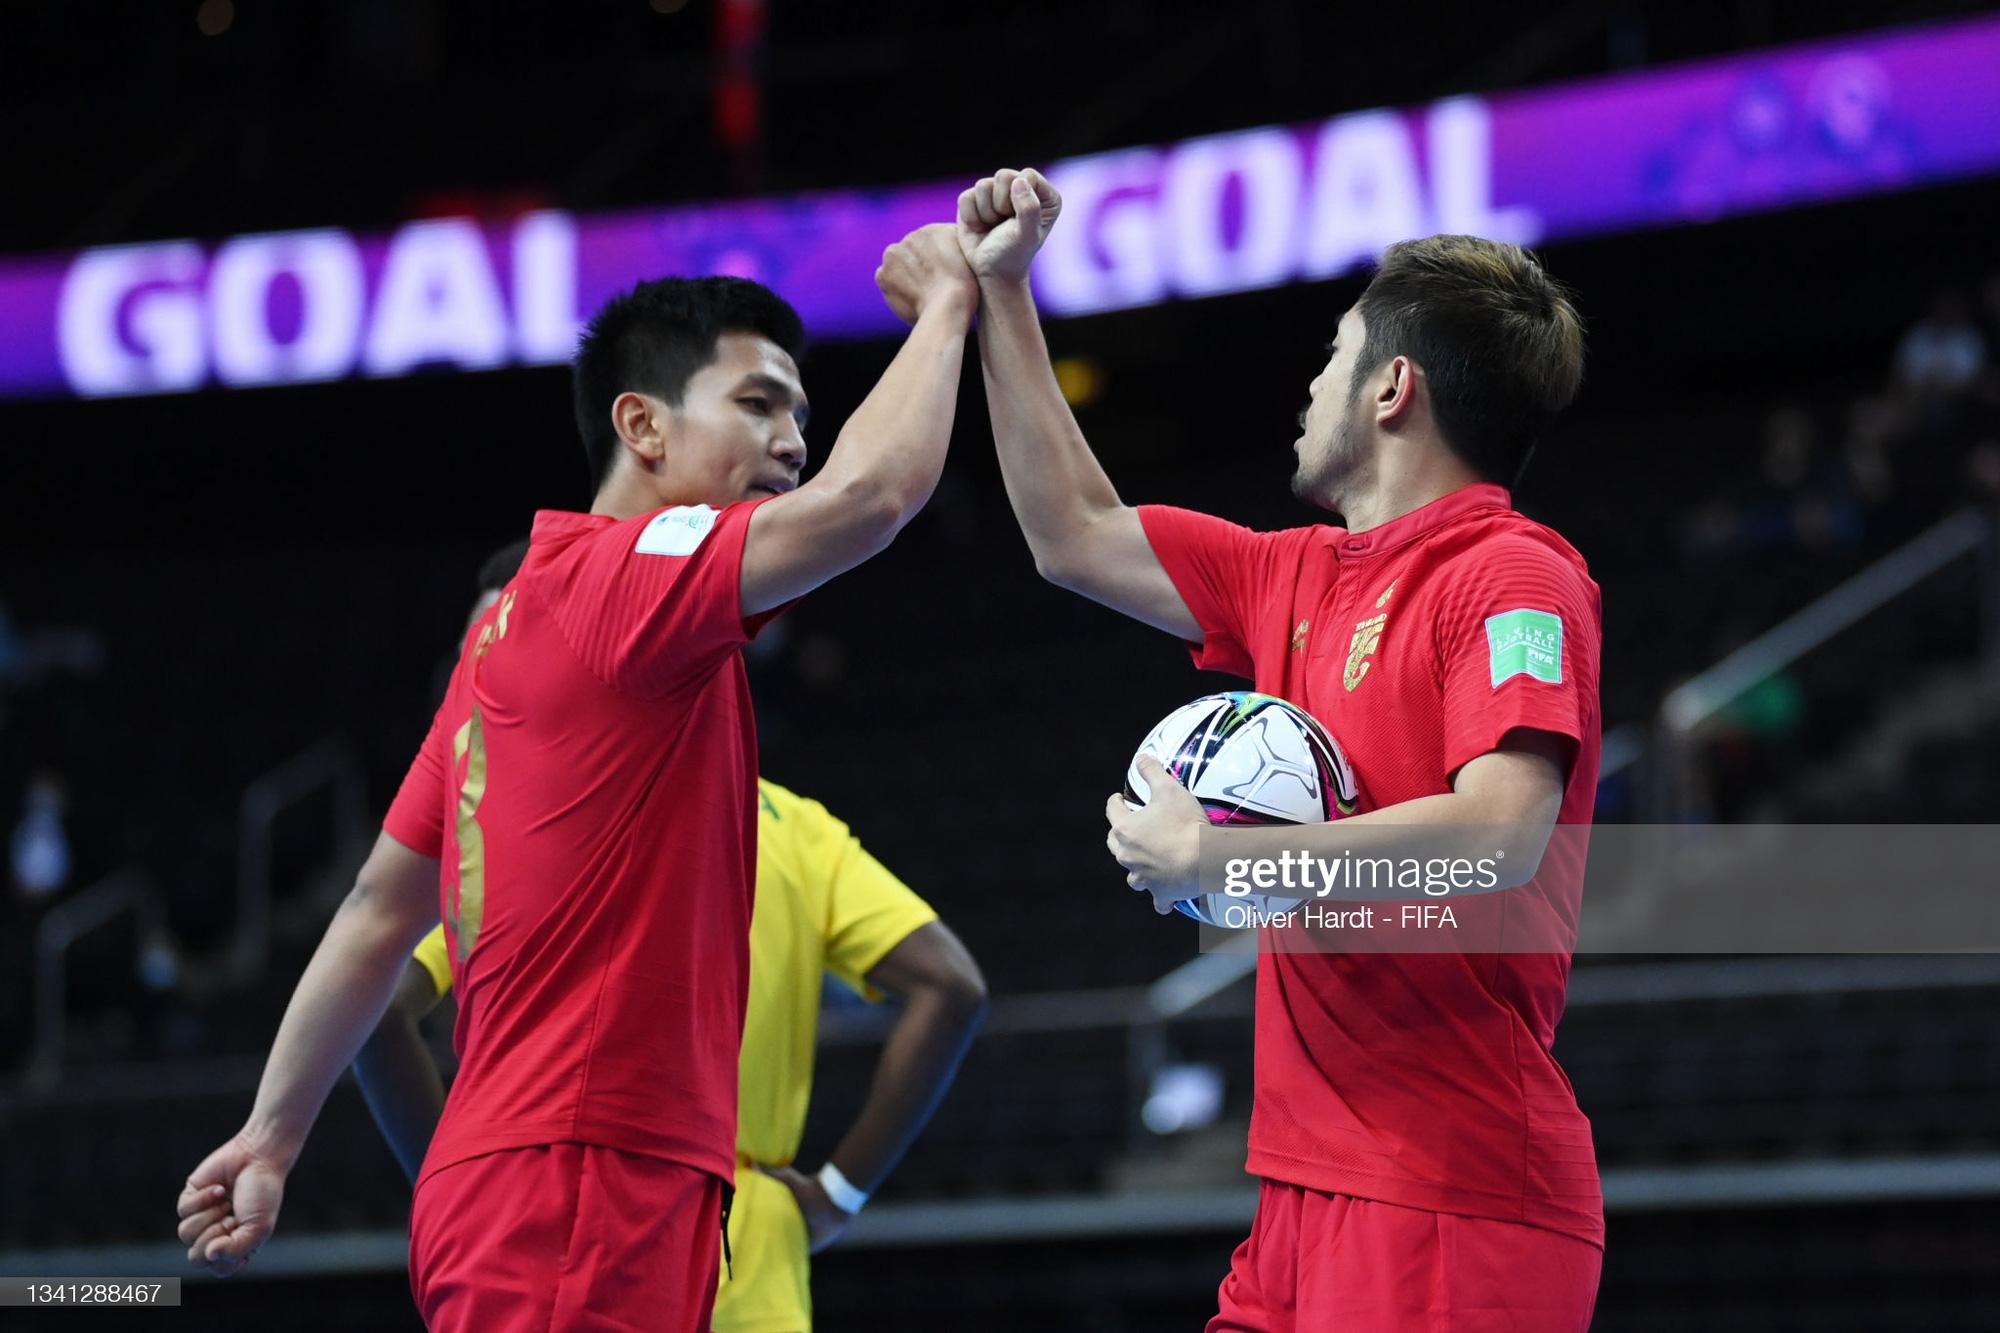 Fan Việt Nam và Thái Lan cùng ăn mừng khi 2 đội tuyển lọt vào vòng 16 đội Futsal World Cup 2021 - ảnh 3